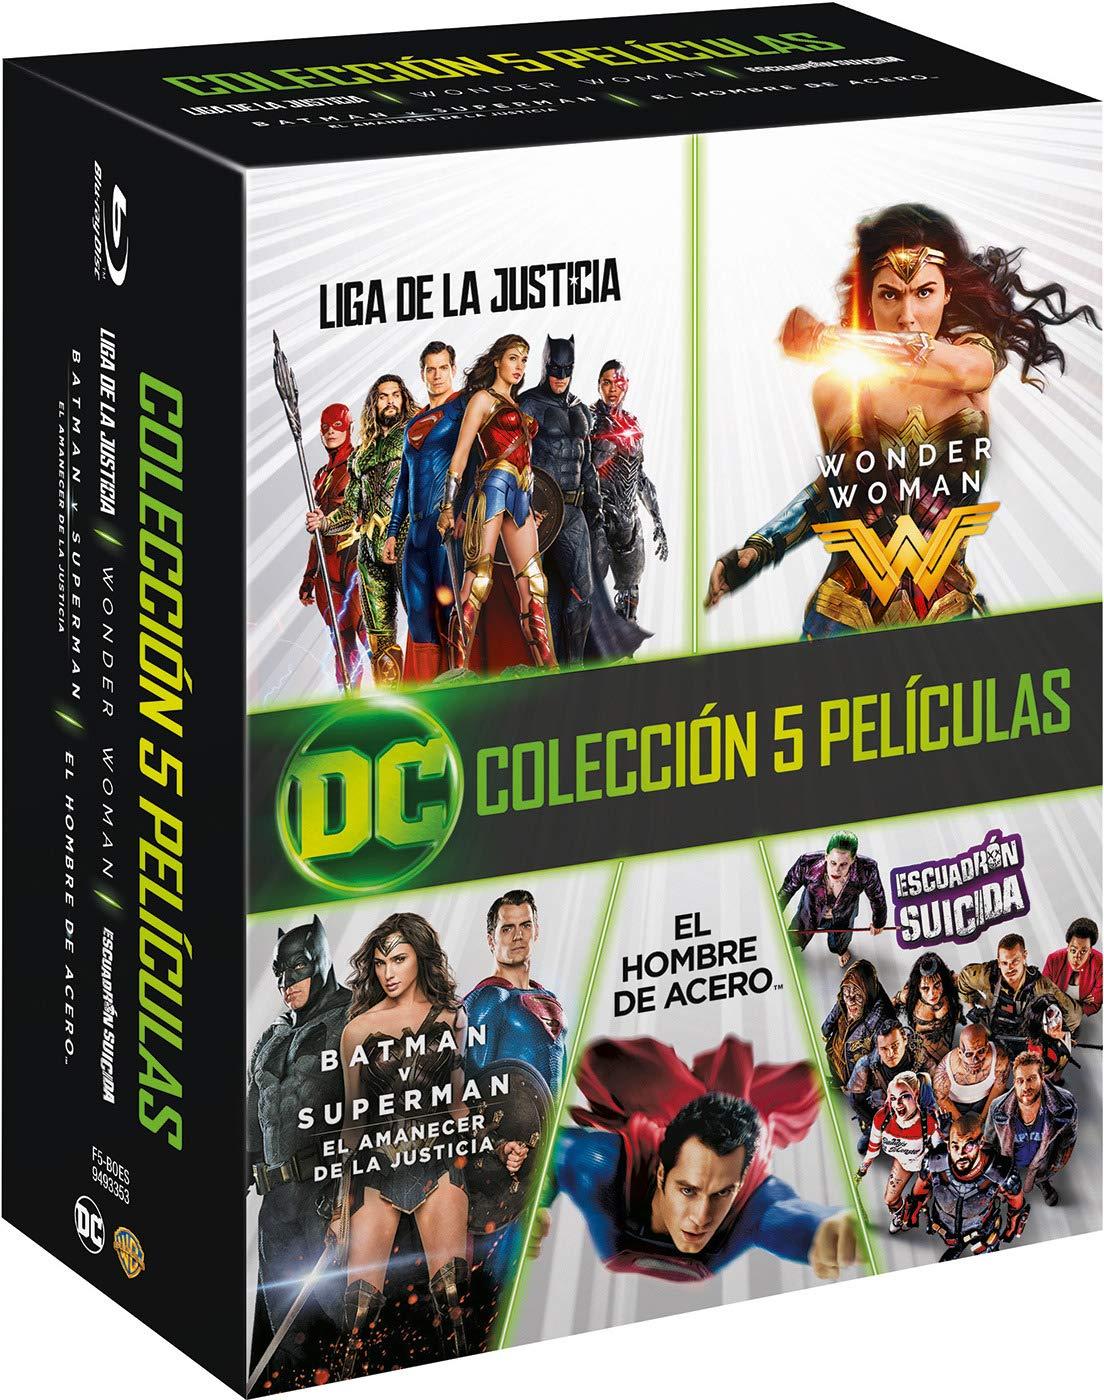 Dc Colección 5 Películas 2013-2017 Blu-Ray Blu-ray: Amazon.es ...